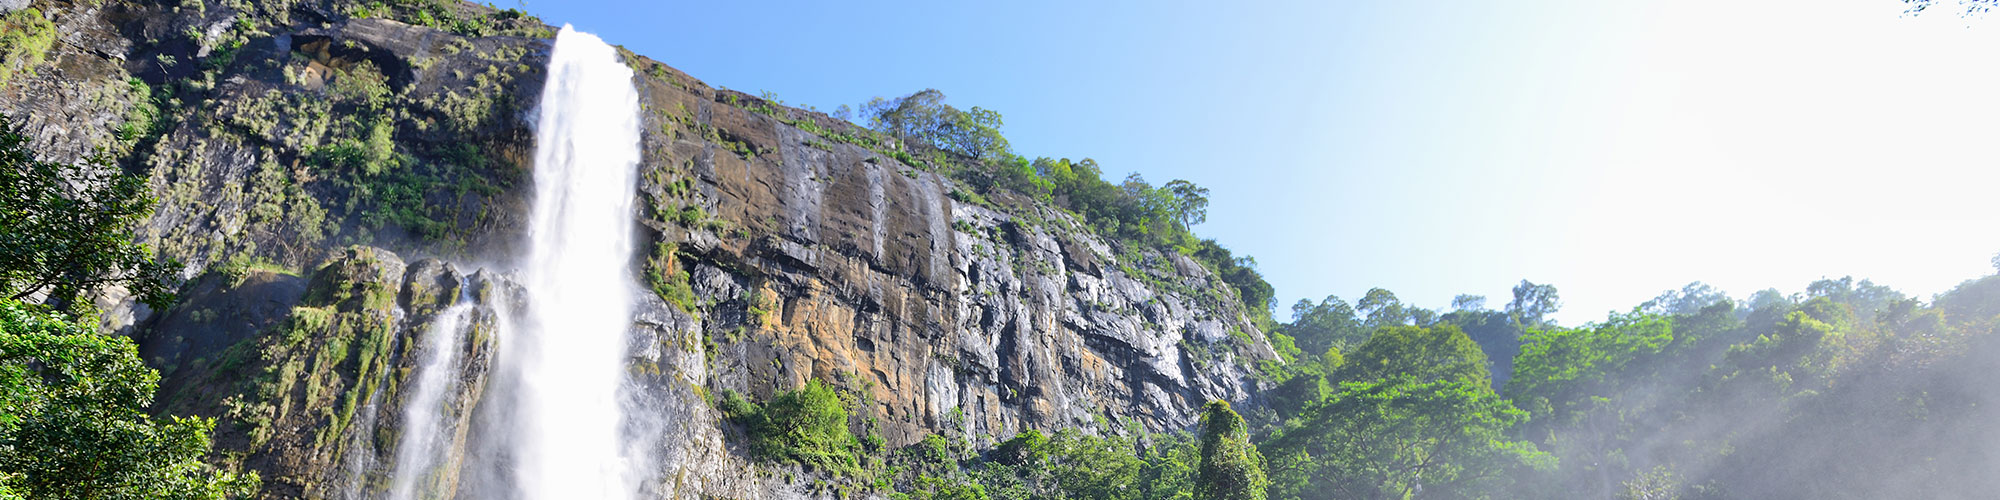 Sri Lanka, Trekking, Bambarakanda falls